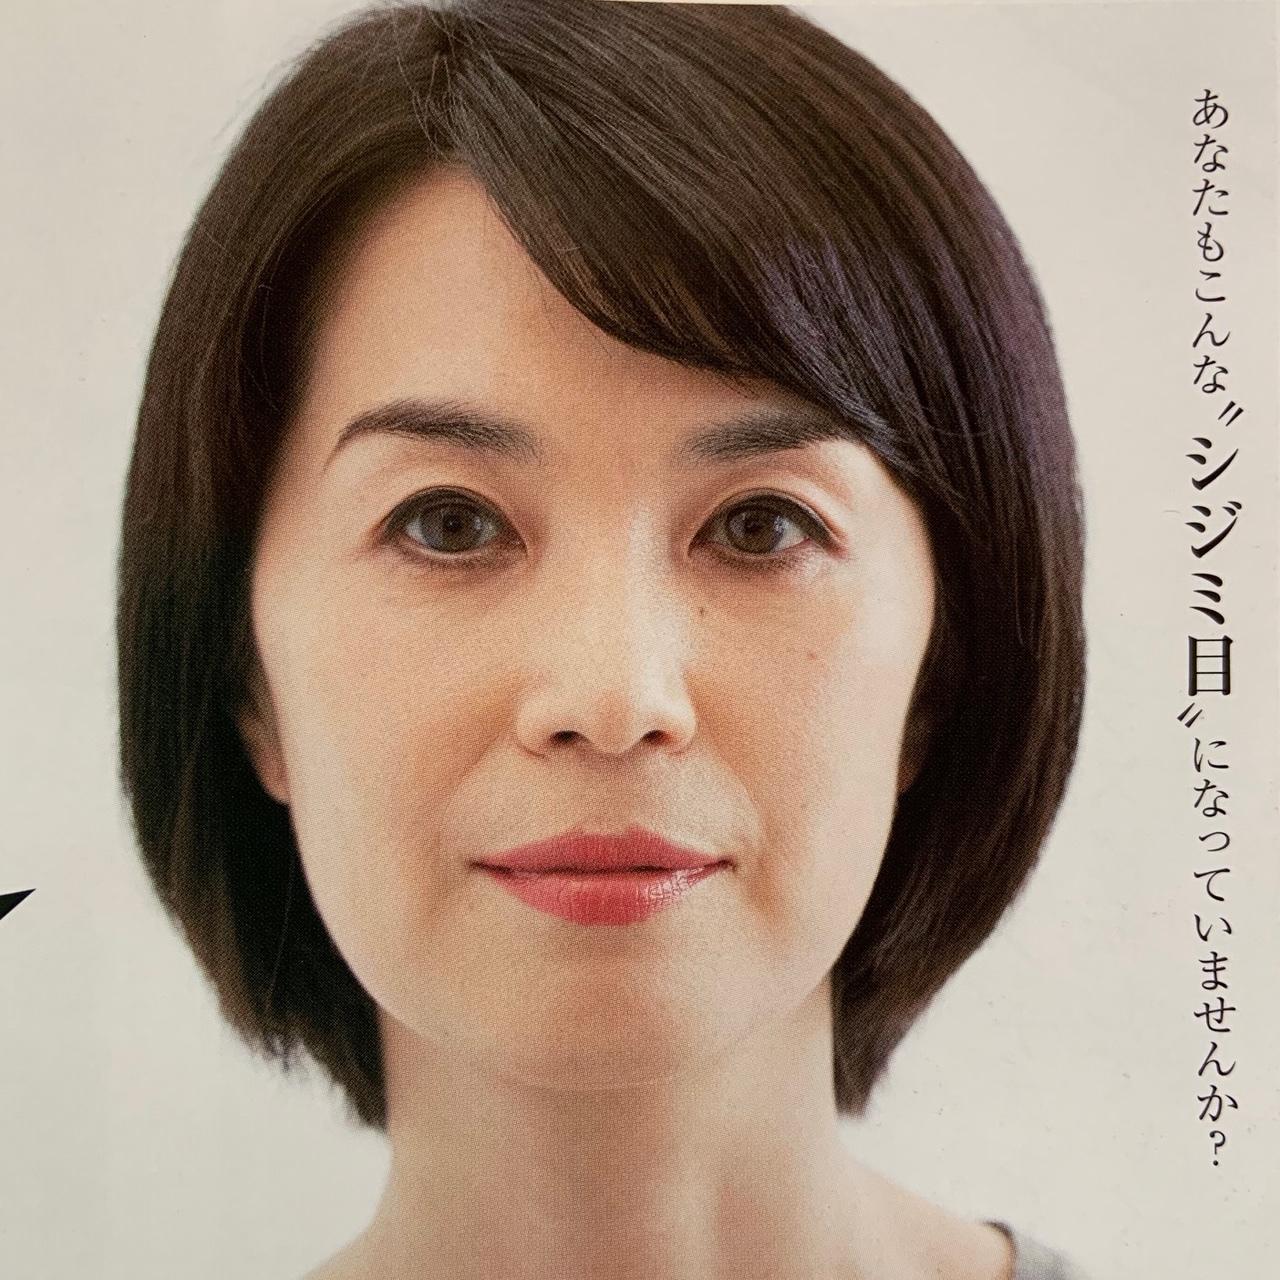 「脱・シジミ目」アイラインは、凄かった!!_1_3-2